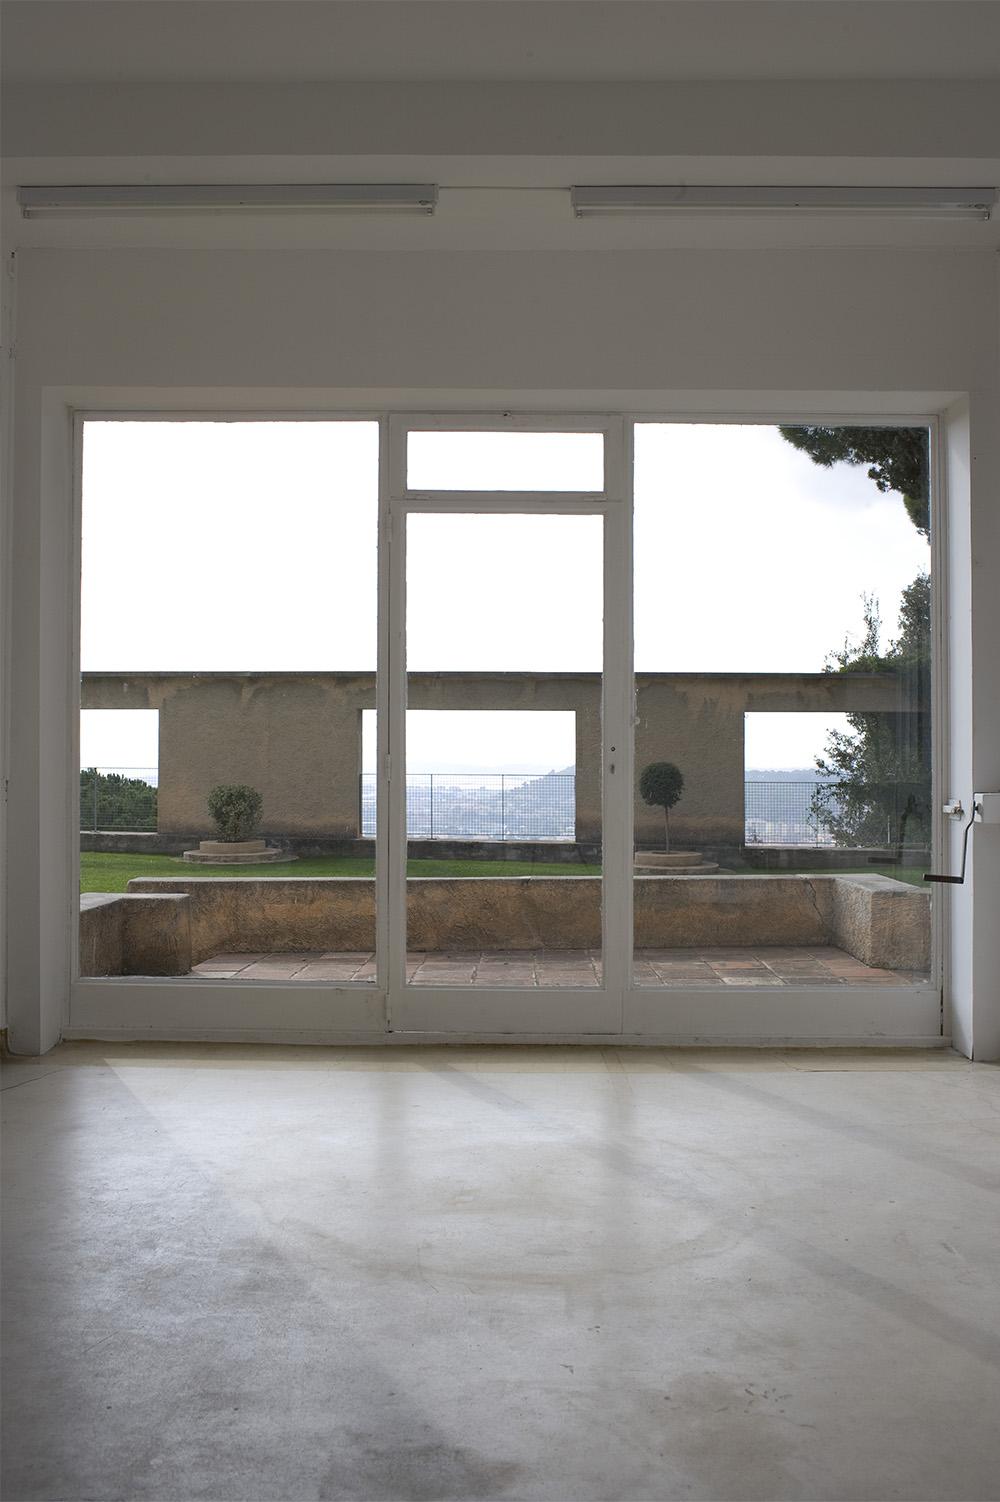 05 -le parvis vu depuis le salon de lecture, villa Noailles Olivier Amsellem, 2008